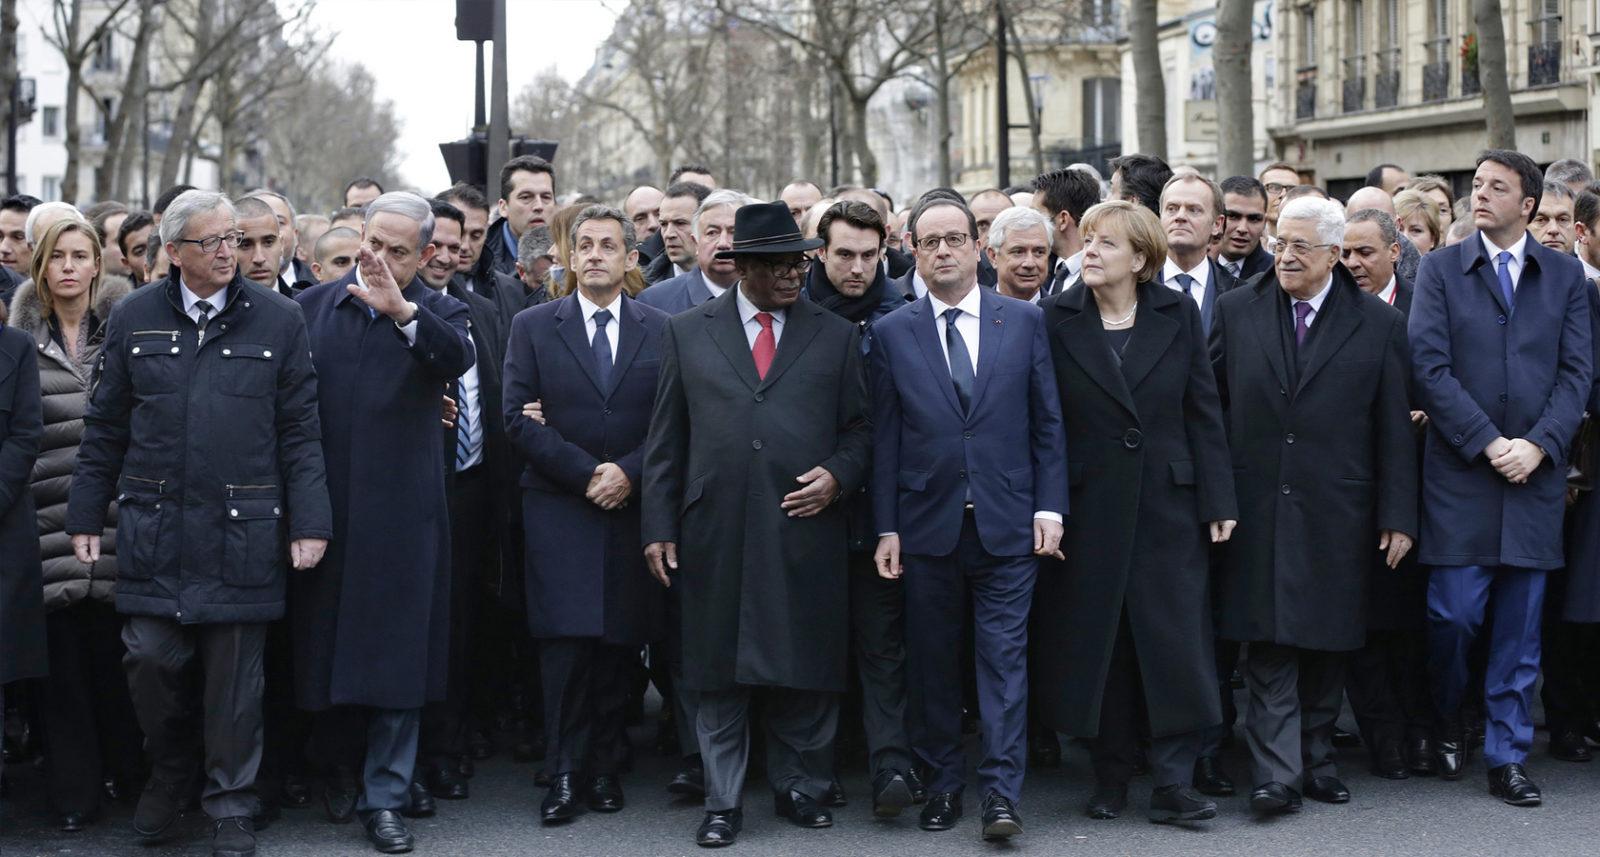 Wereldleiders-Charlie-Hebdo